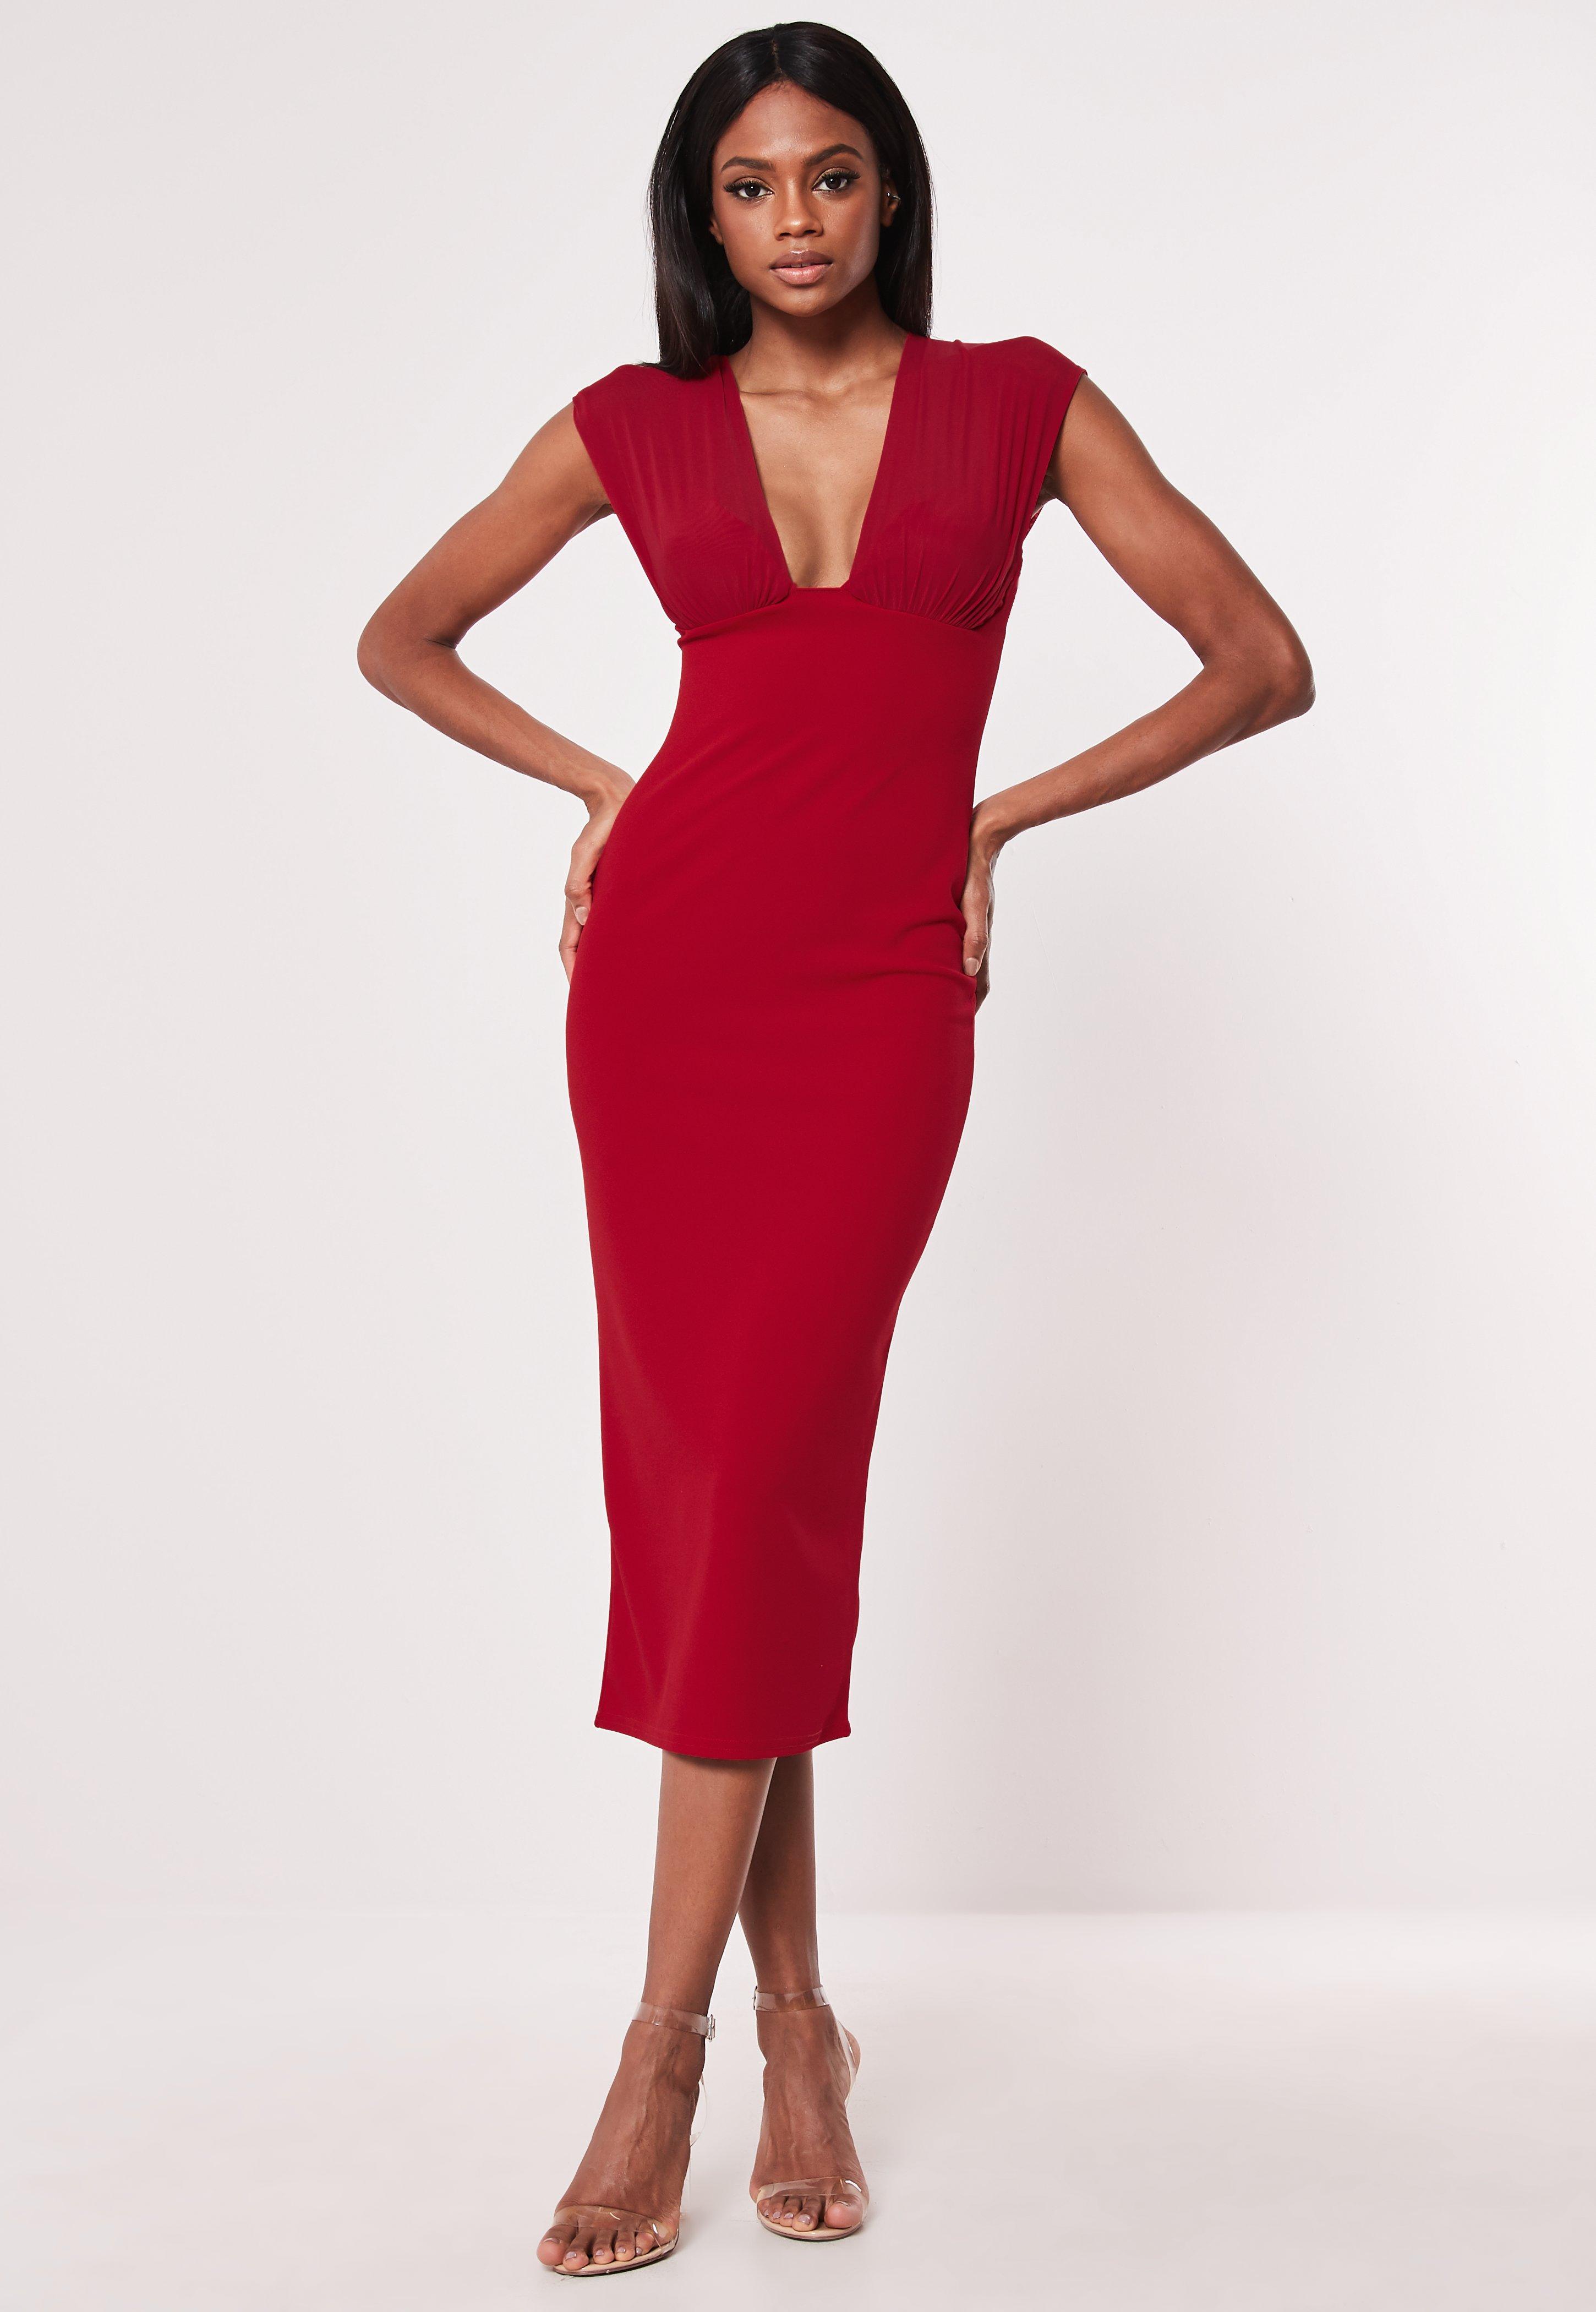 eb2d8b7f210f97 Czerwona sukienka midi z głębokim dekoltem | Missguided